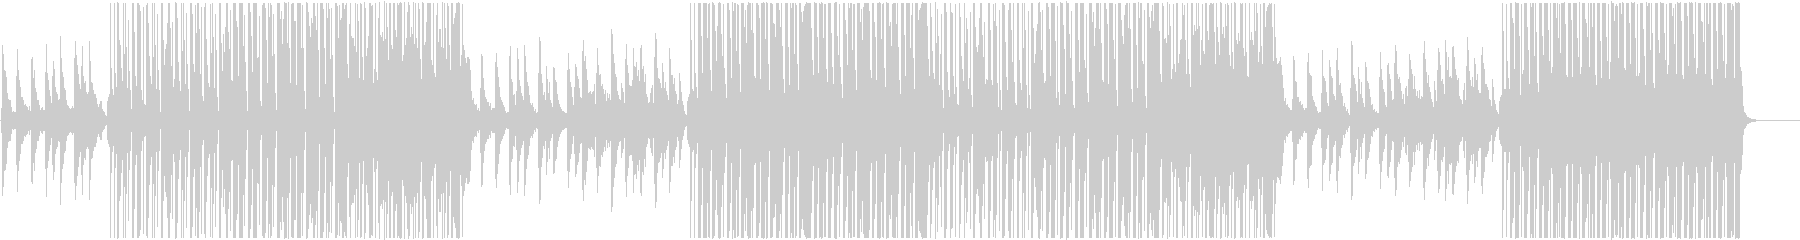 ポップでハッピーなレゲトントラック♬の未再生の波形